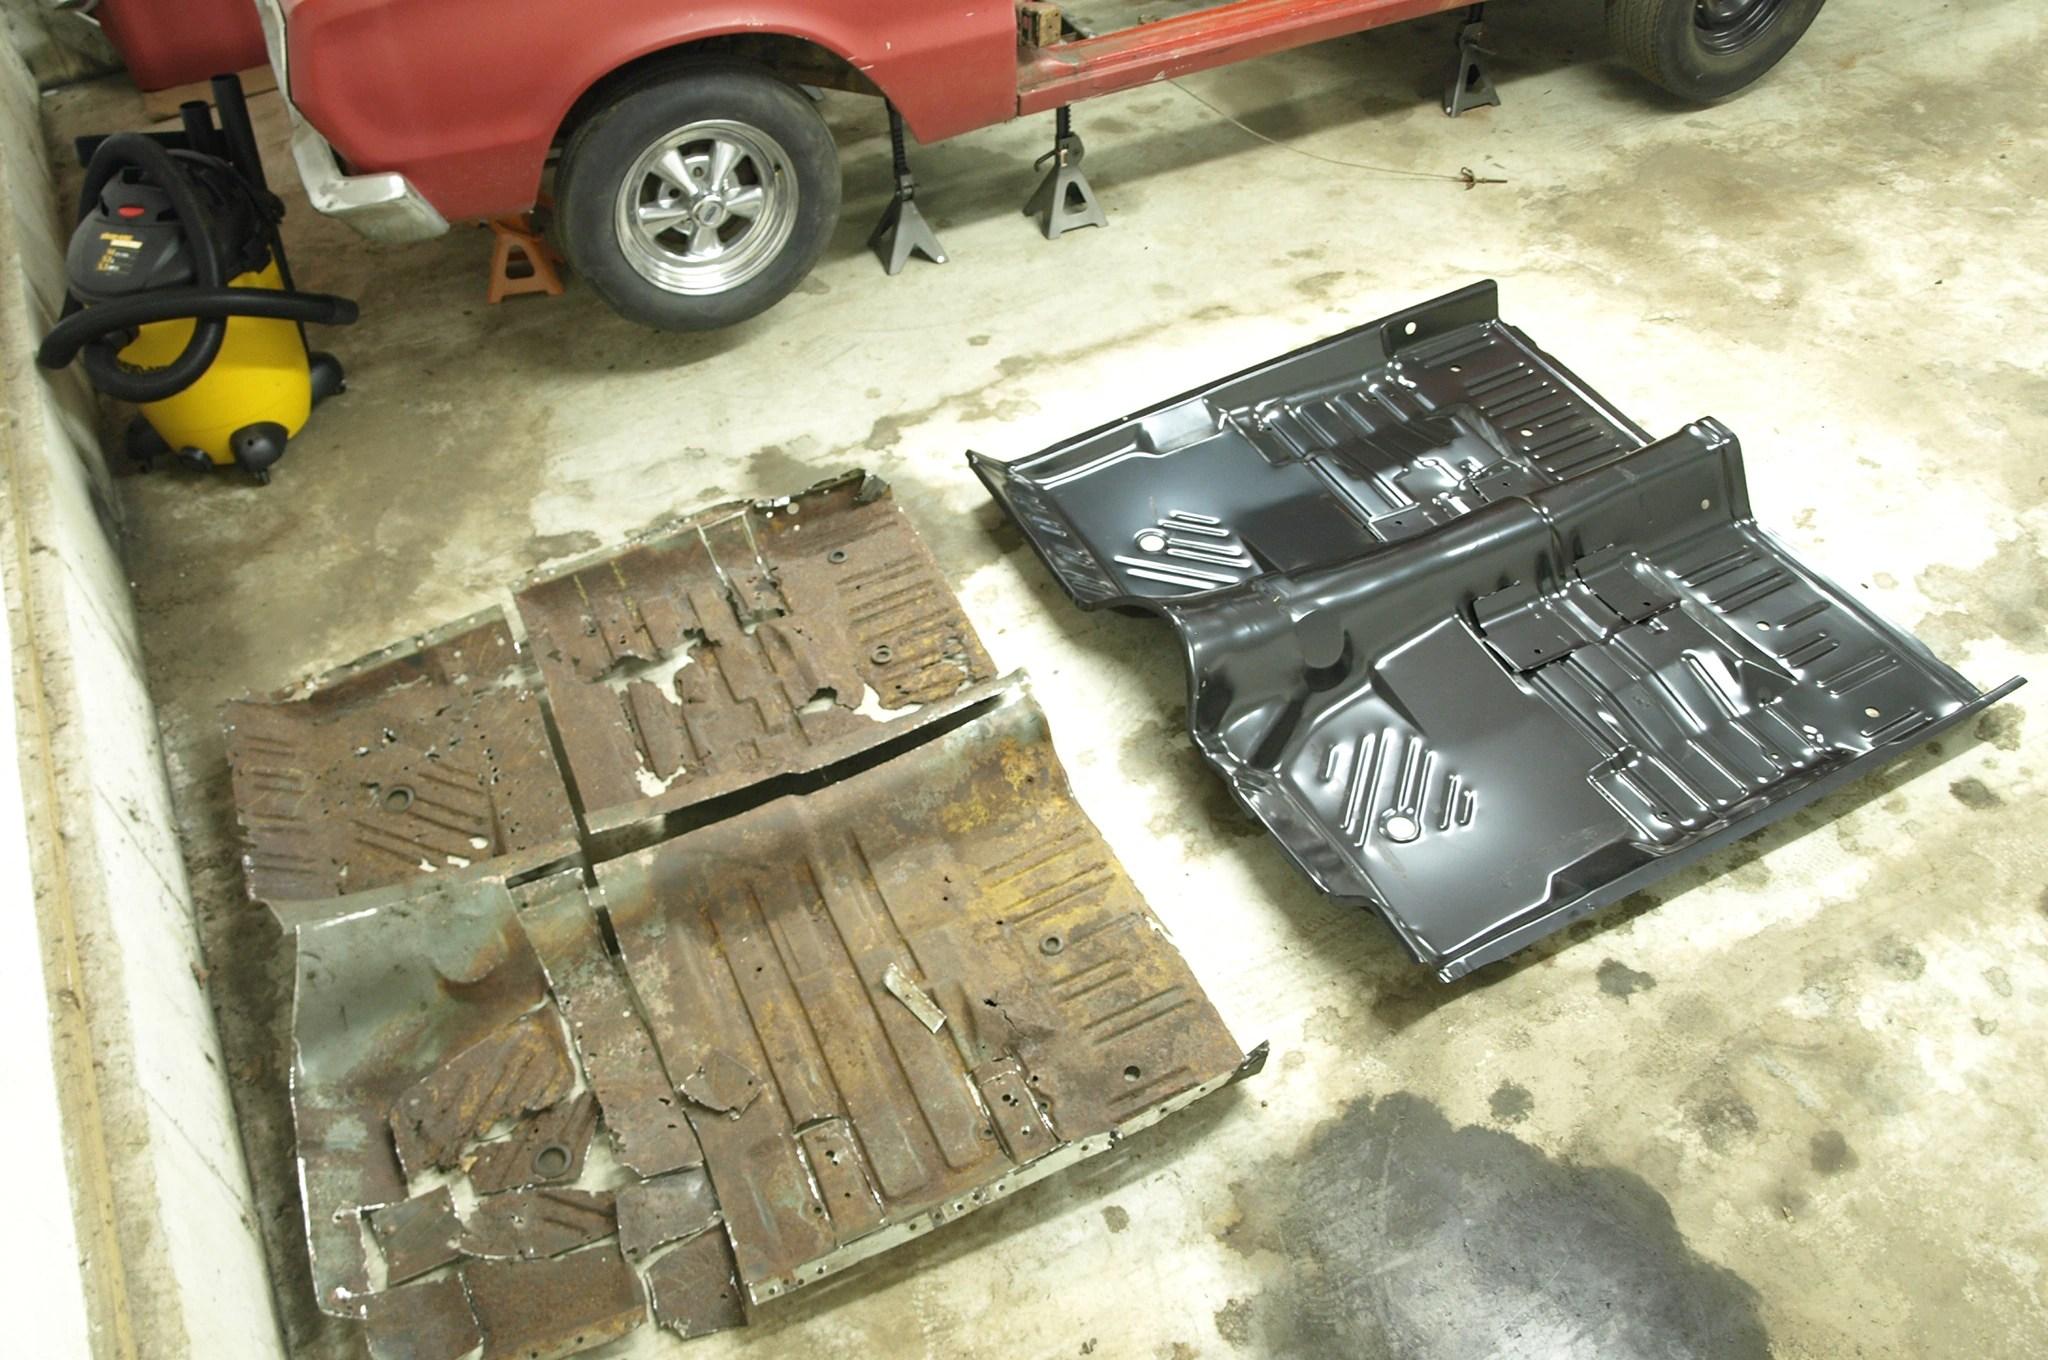 1967 Mustang Floor Pan Replacement Cost  Carpet Vidalondon